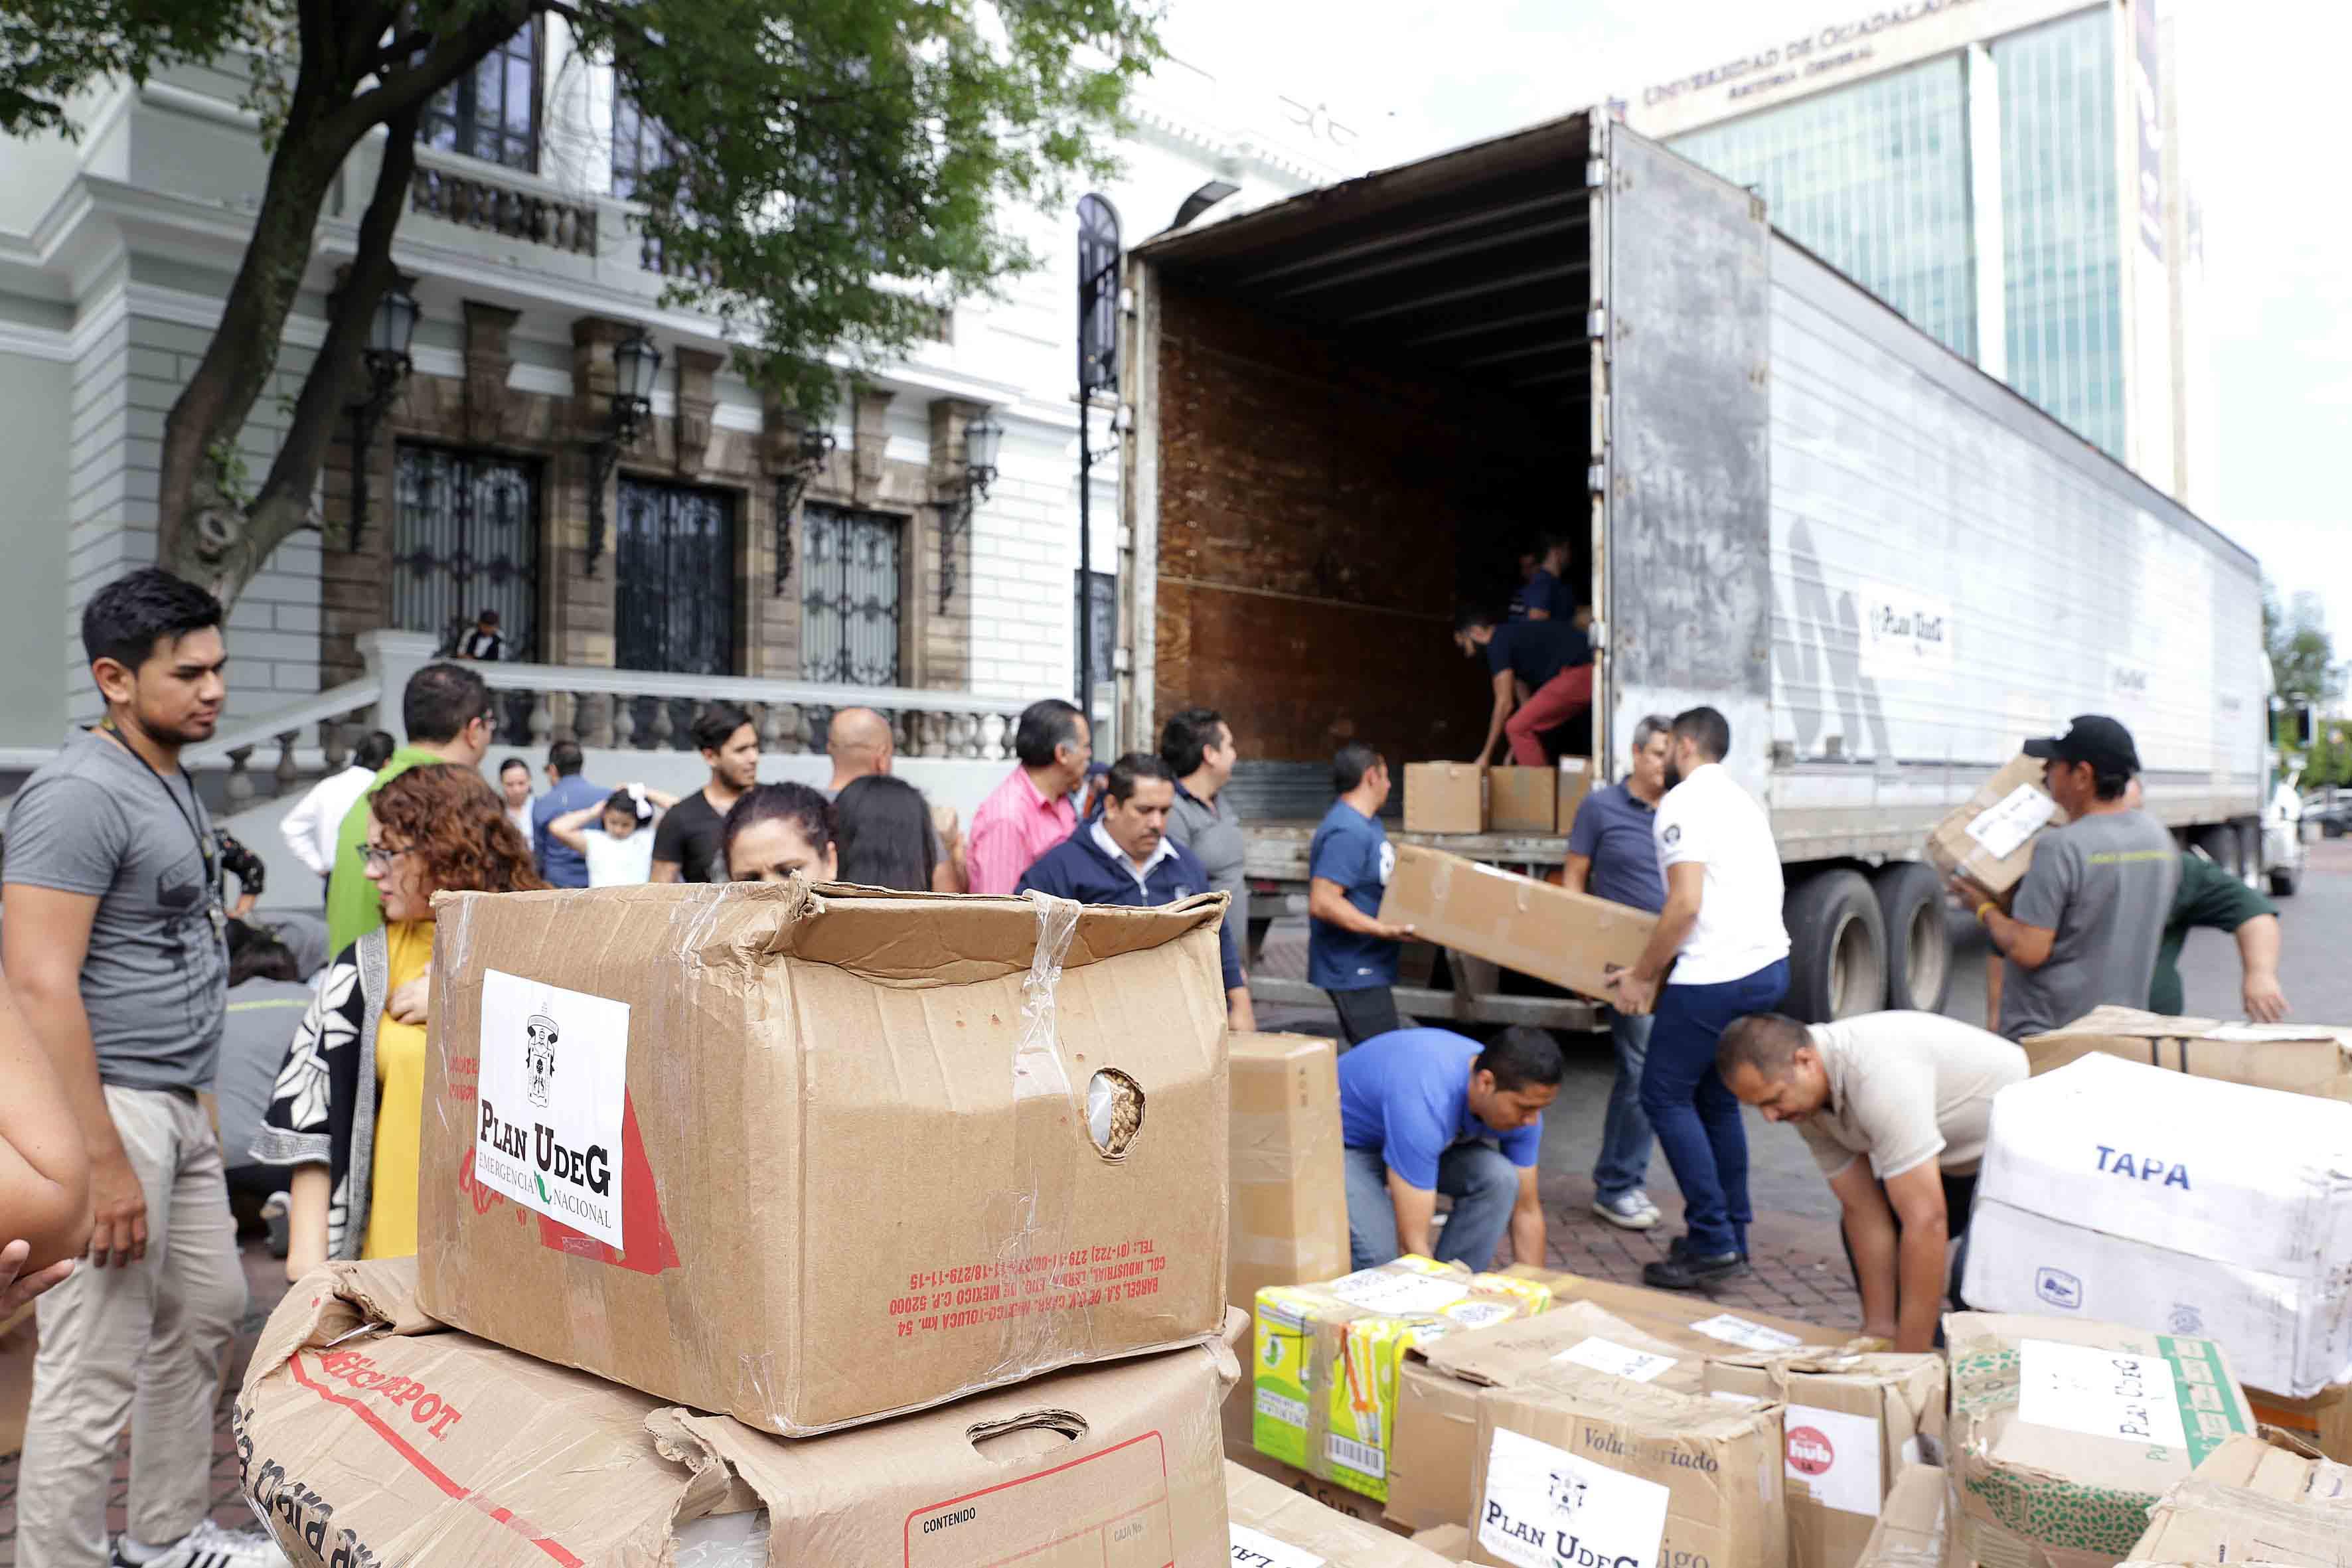 Voluntarios cargando cajas para llenar los contenedores